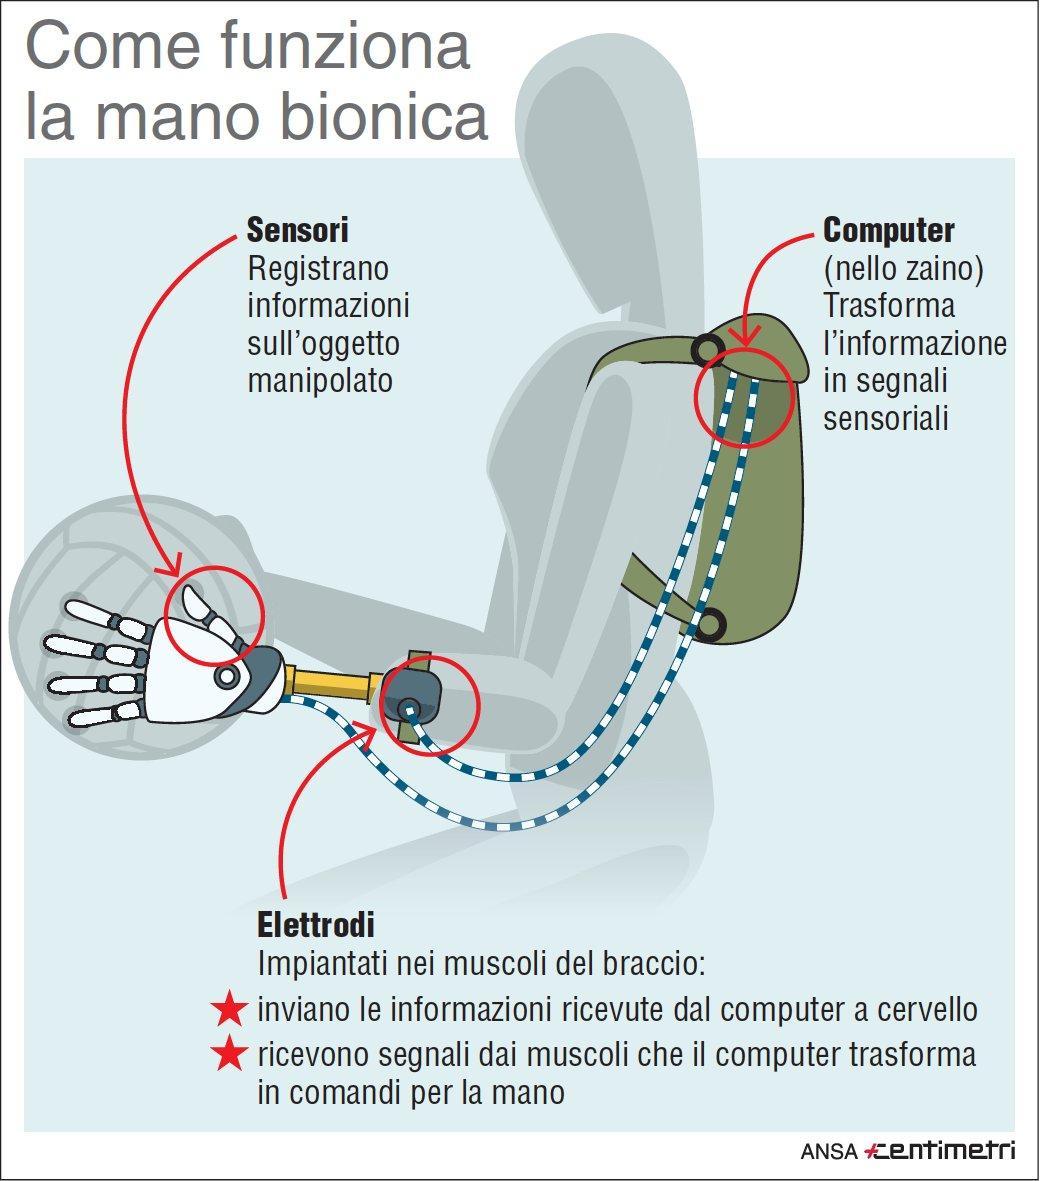 Mano bionica, ecco come funziona